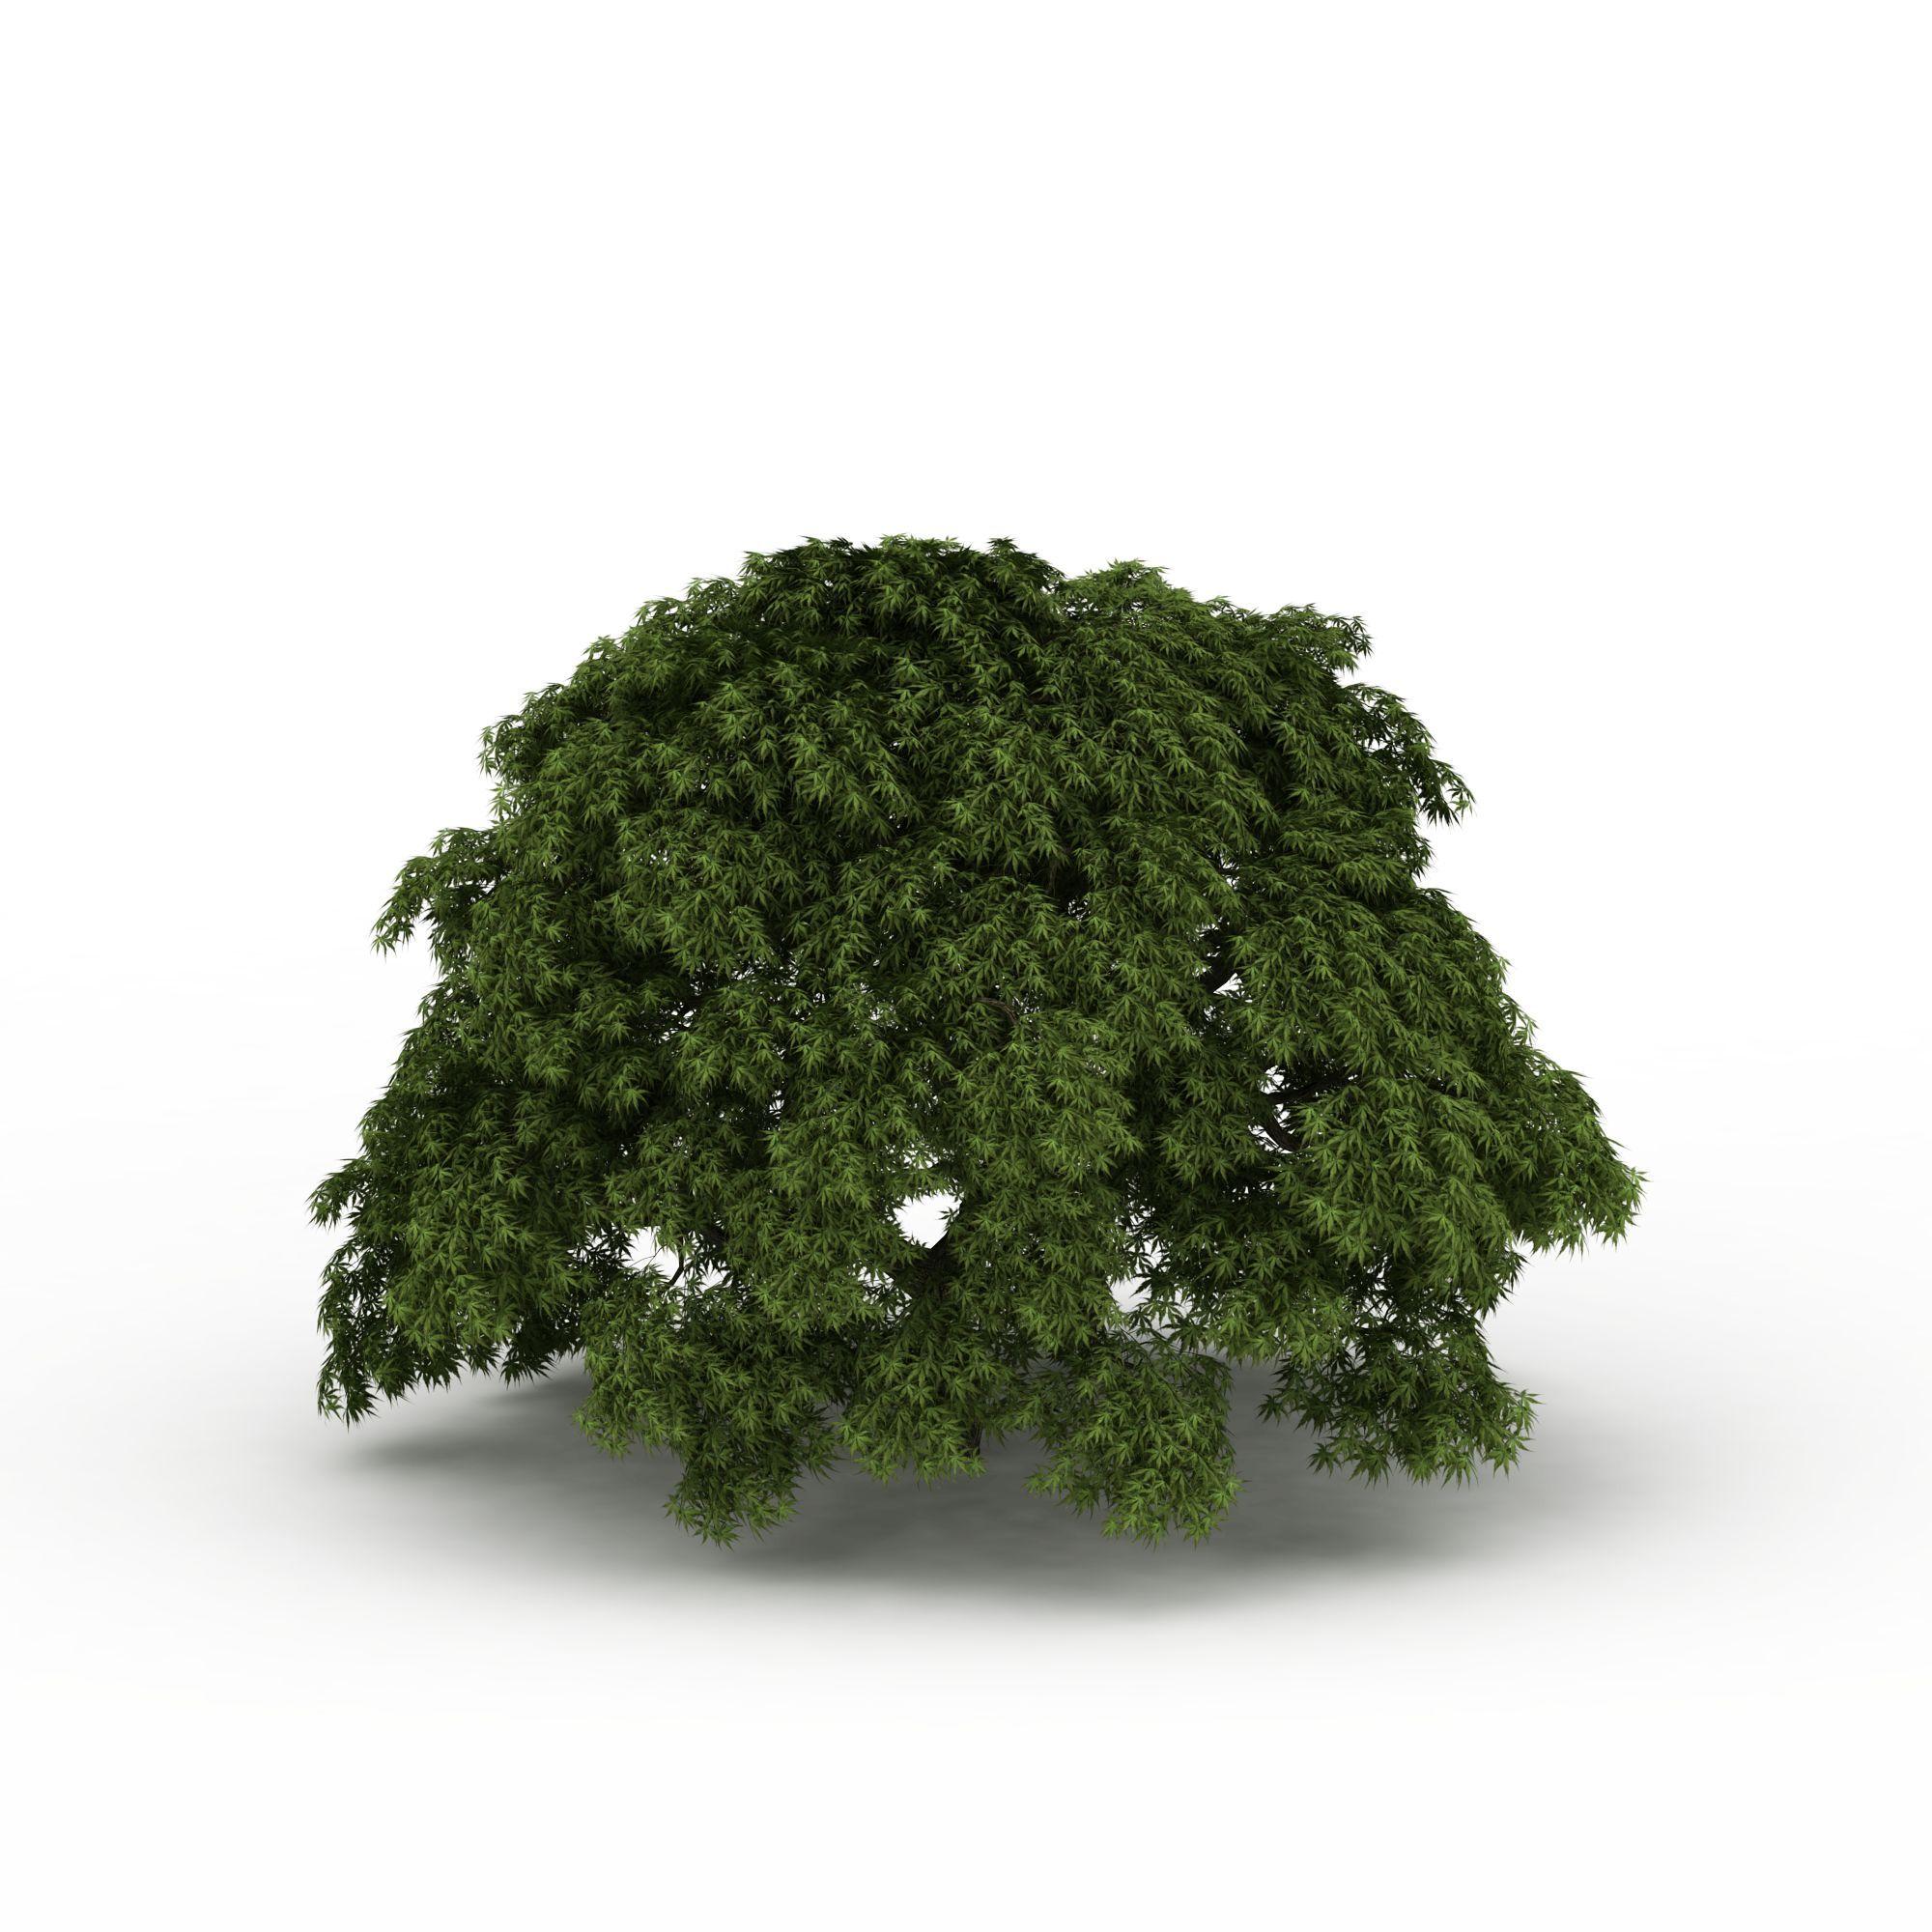 大树图片_大树png图片素材_大树png高清图下载